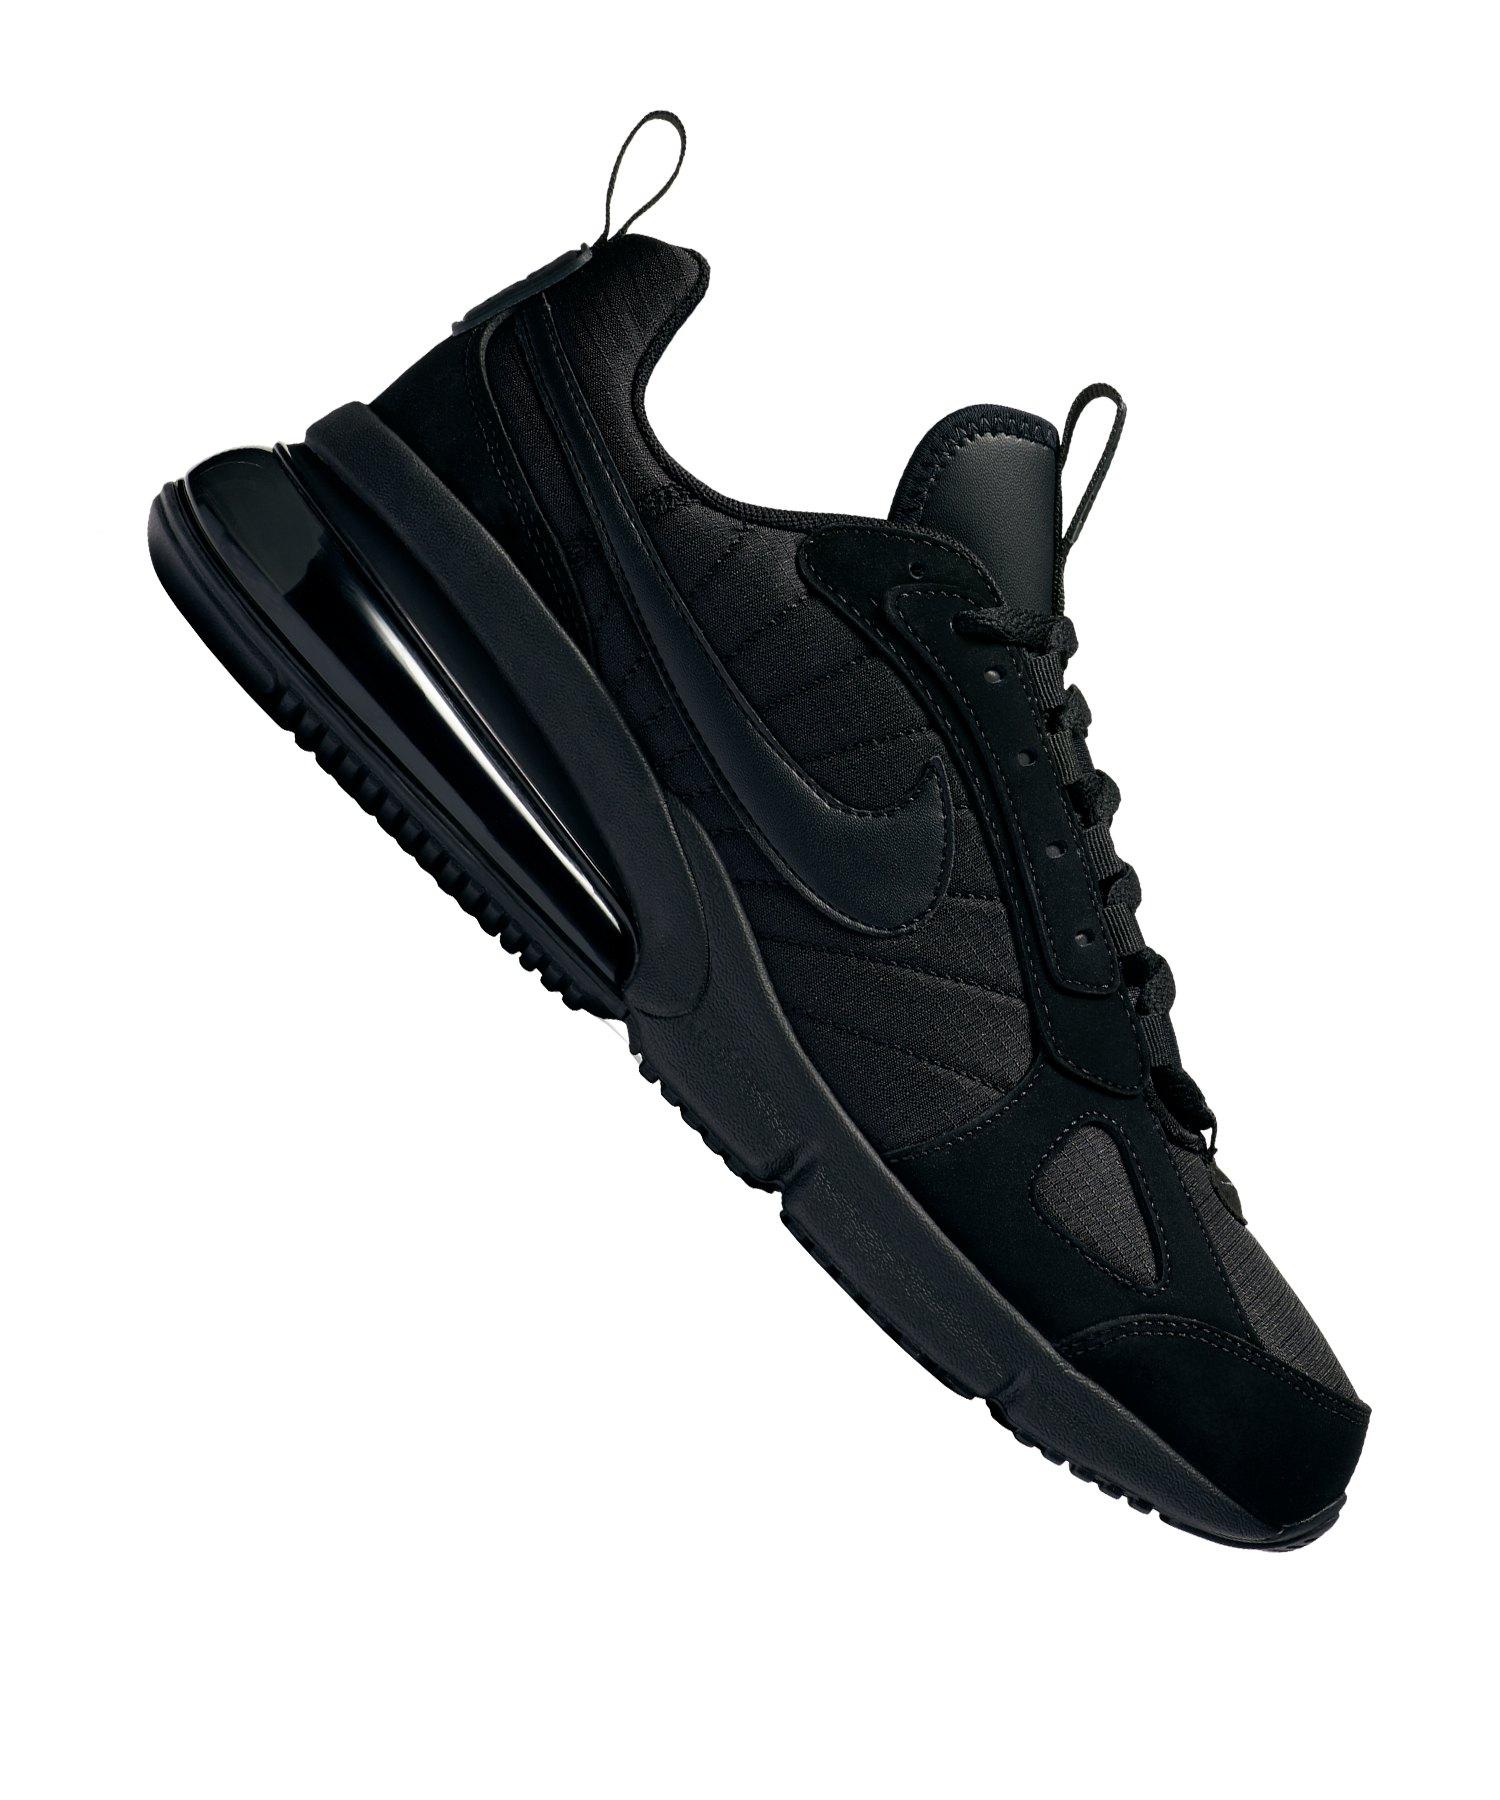 d2b79db17b83c Nike Air Max 270 Futura Sneaker Schwarz F005 - schwarz